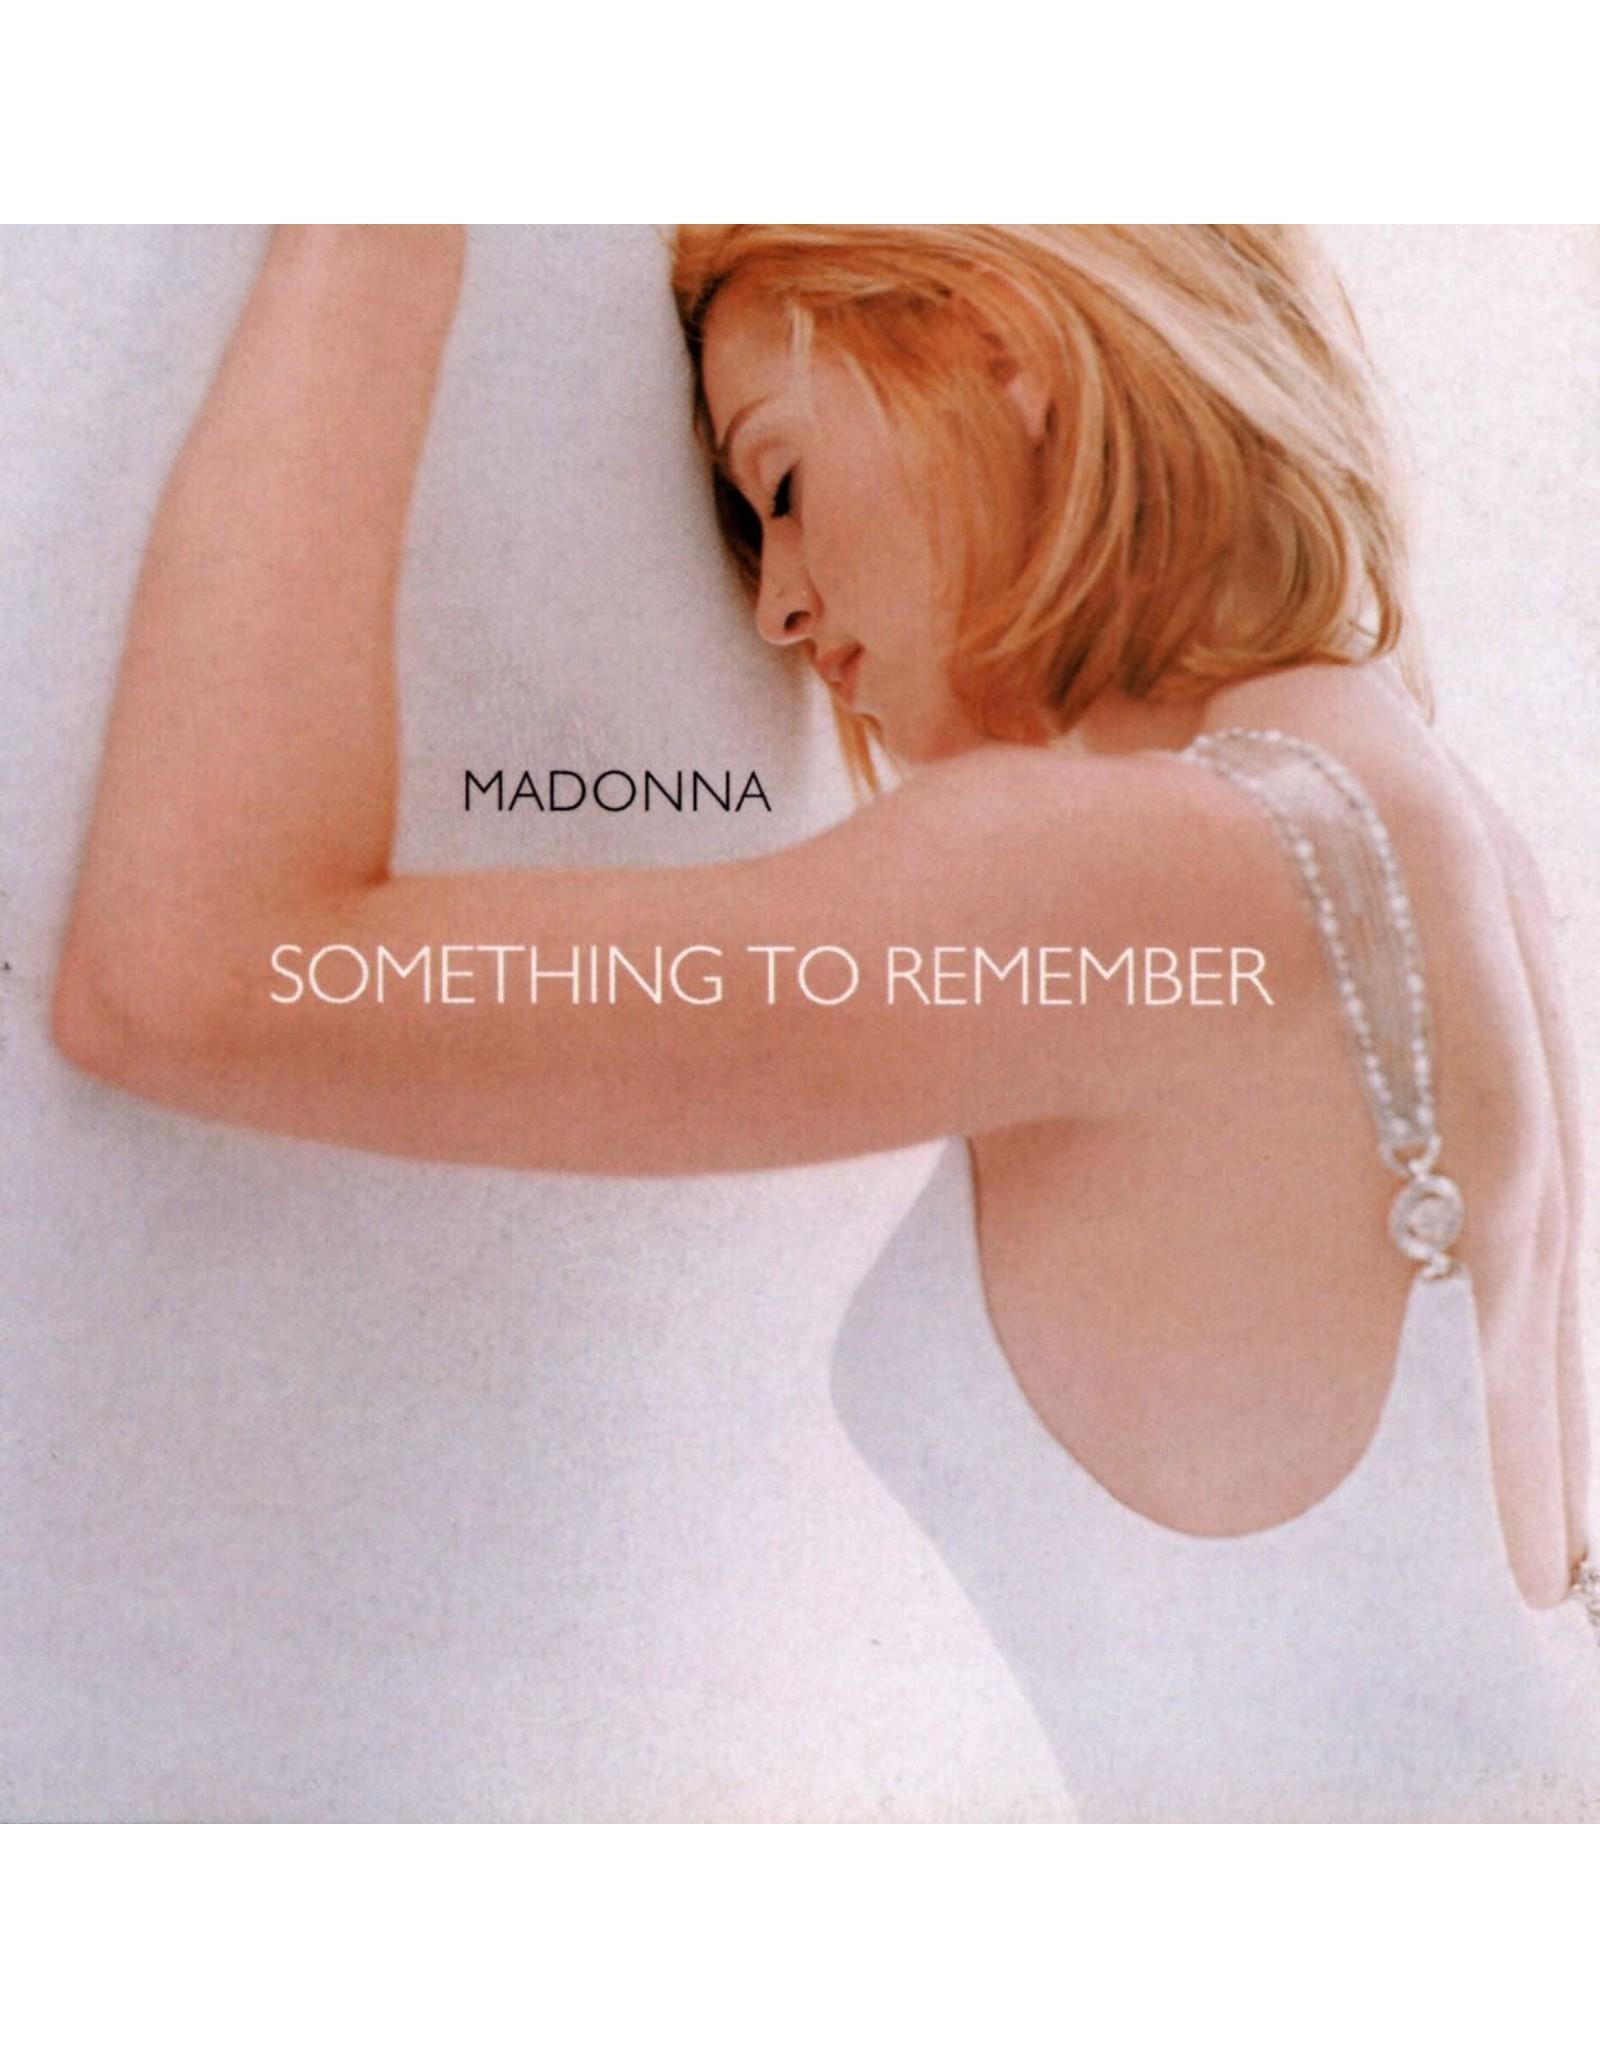 Madonna - Something To Remember